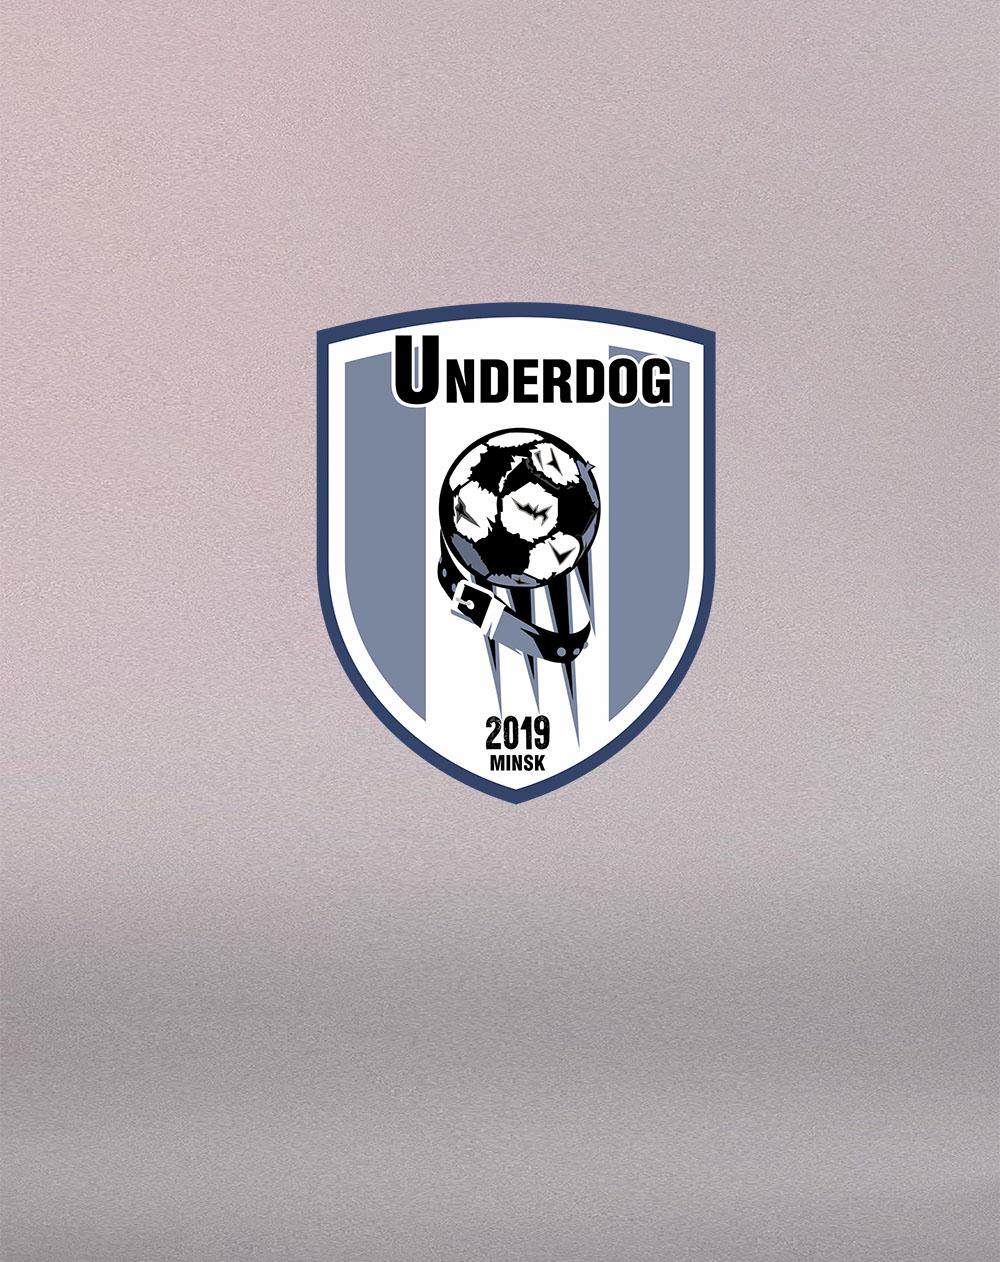 Футбольный клуб UNDERDOG - разработать фирстиль и бренд-бук фото f_3655cb0acdf0fea3.jpg